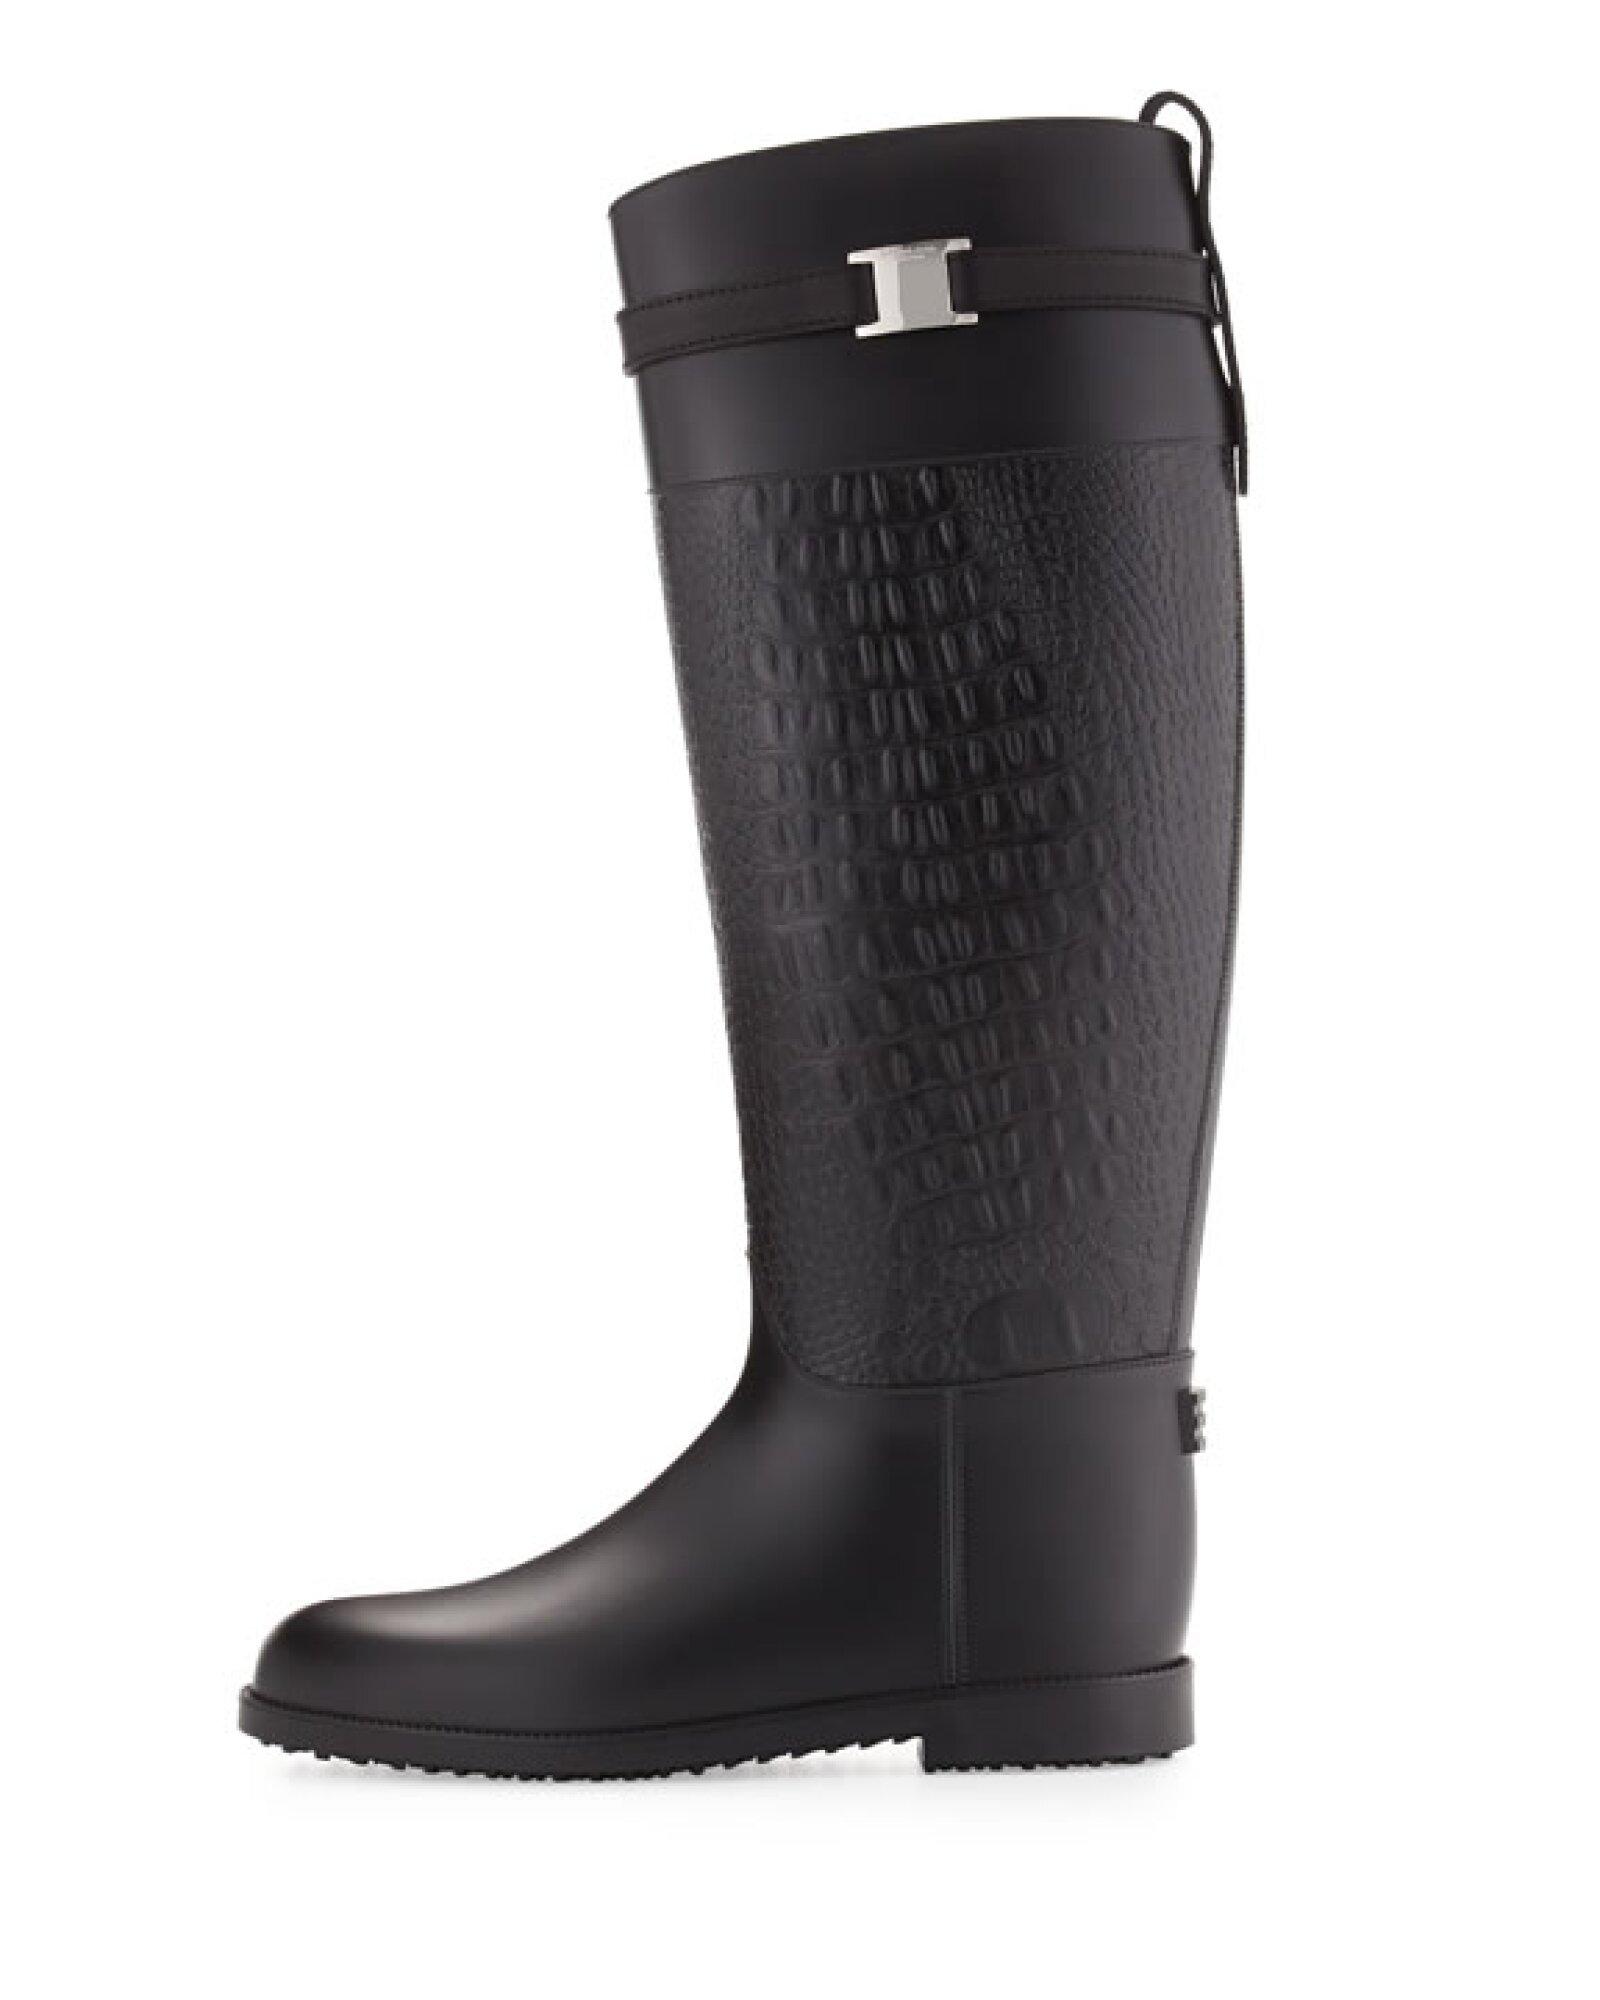 Otra opción en negro, nos las da Michael Kors con las botas Miranda.